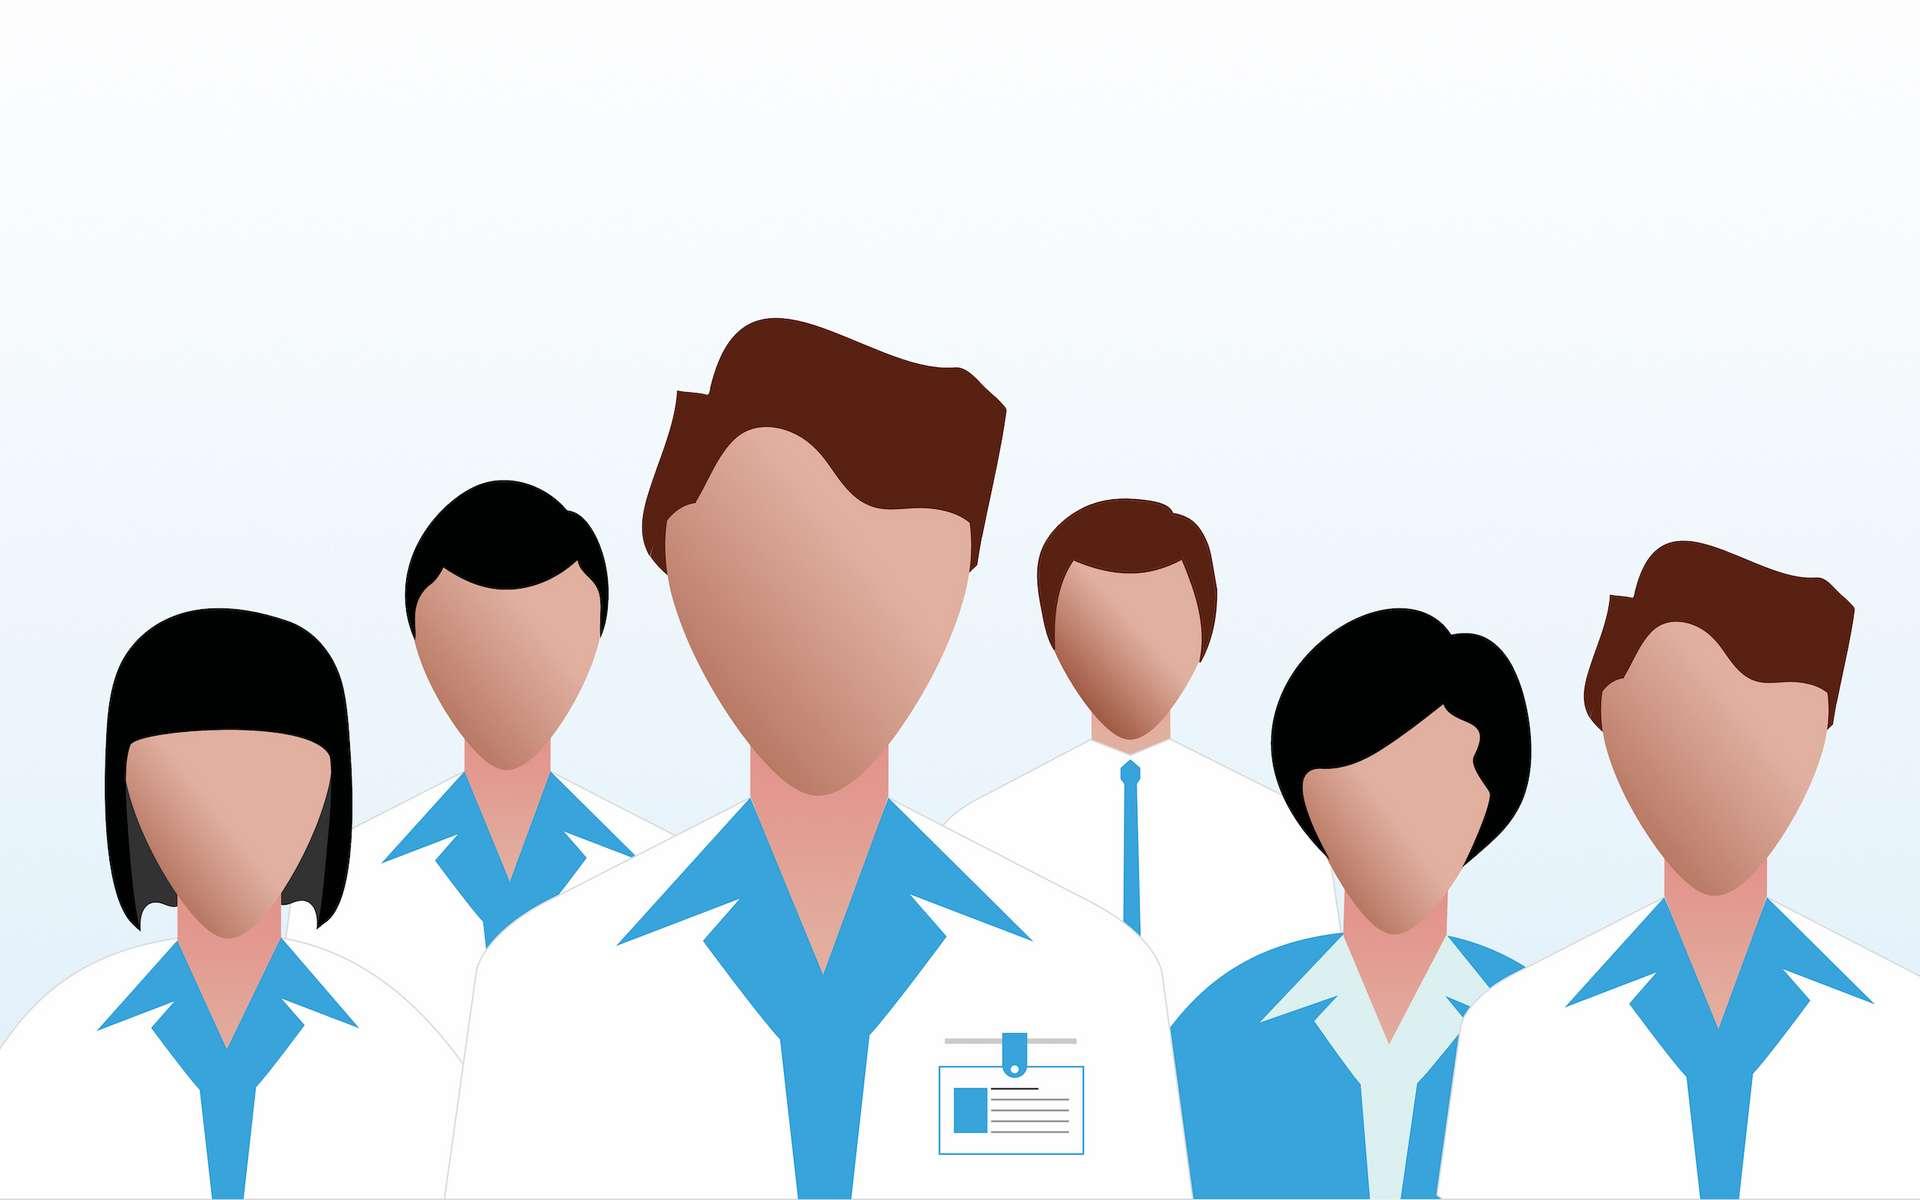 Les chercheurs les plus cités par leur pairs sont majoritairement américains. © xyz+, Adobe Stock